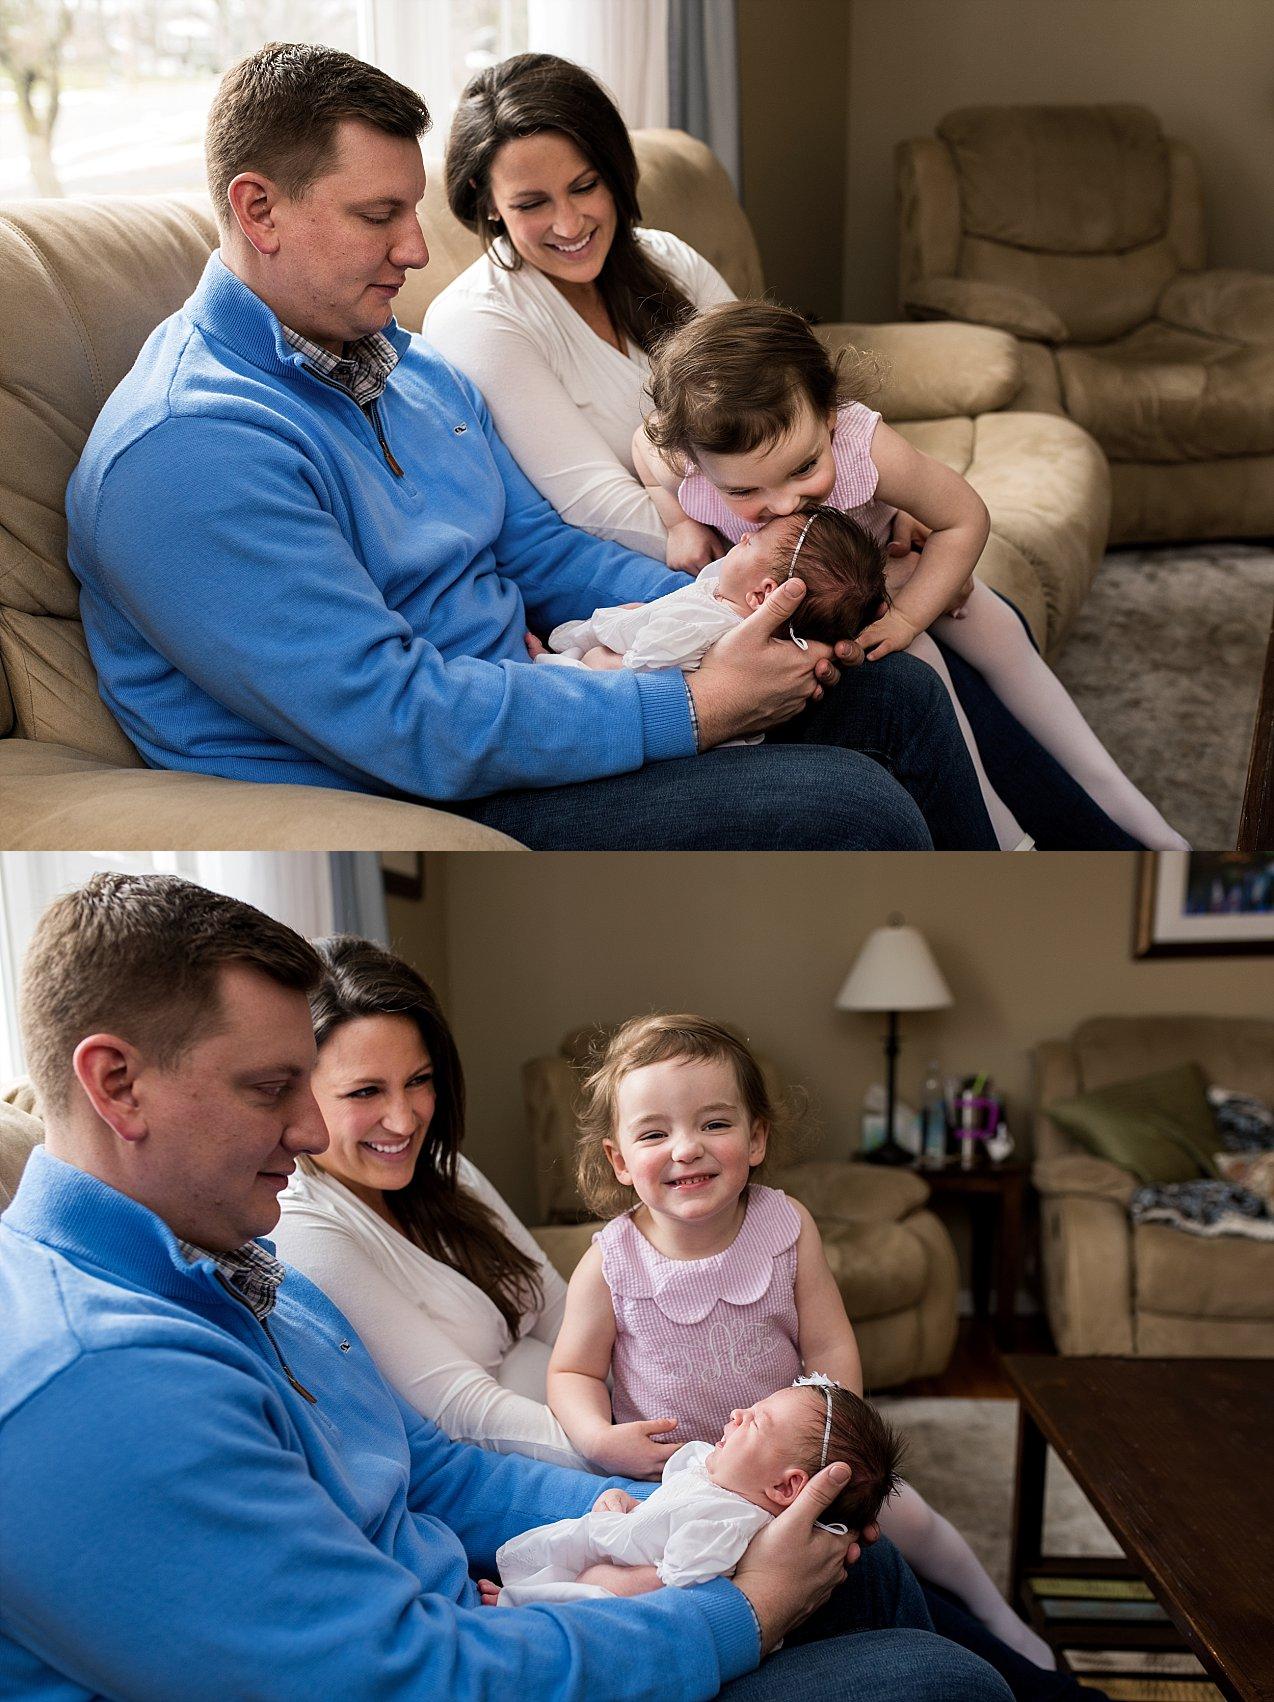 family newborn photographer chesire, ct